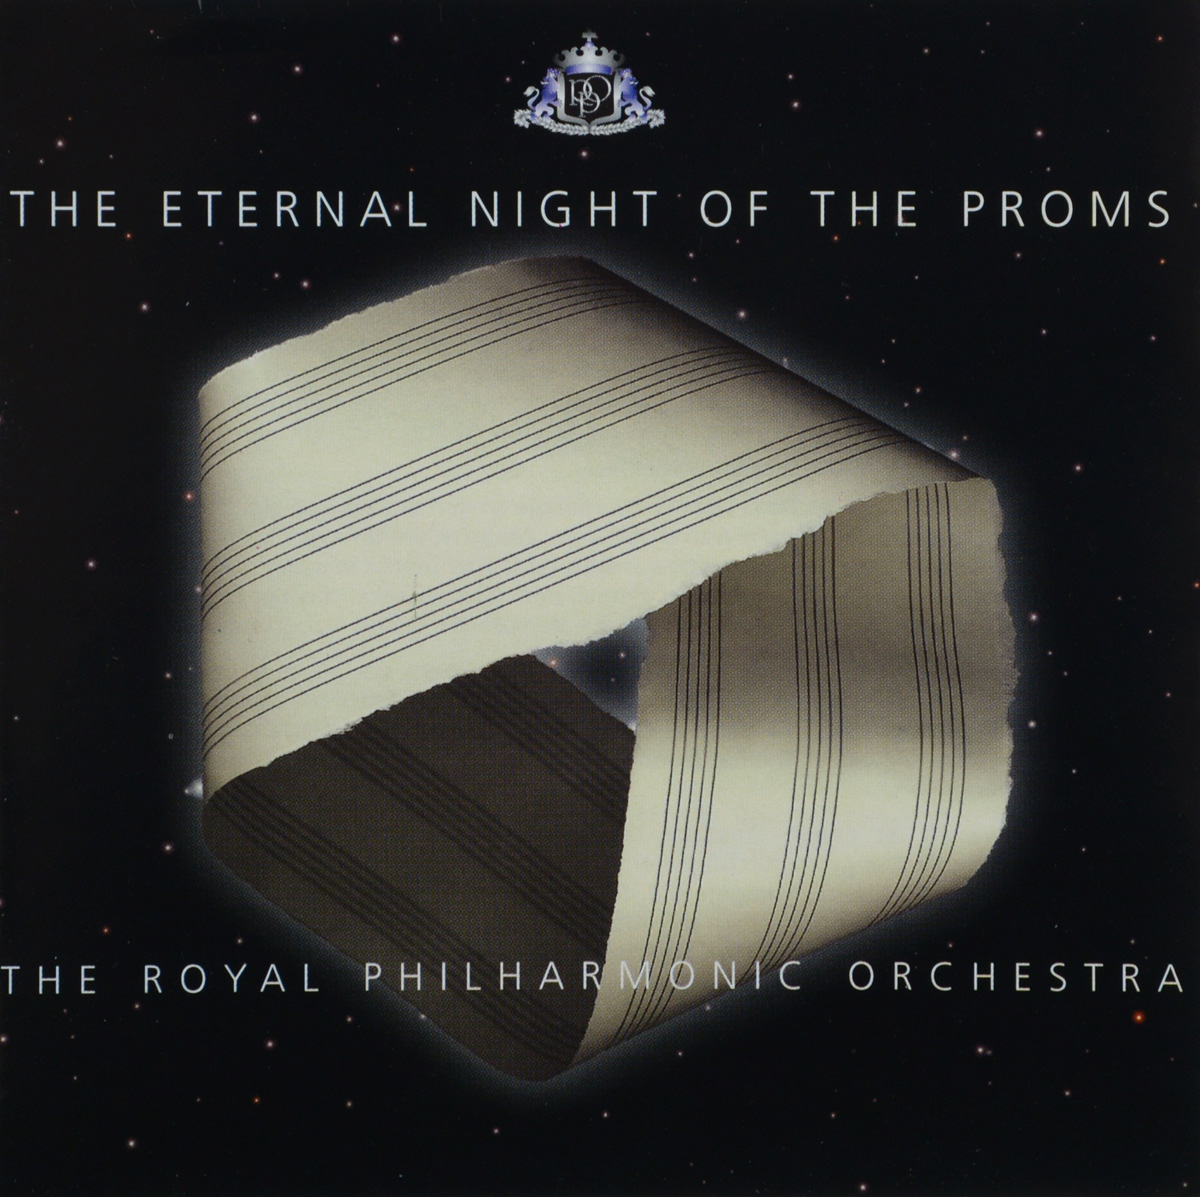 цена на The Royal Philharmonic Orchestra The Royal Philharmonic Orchestra. The Eternal Night Of The Proms